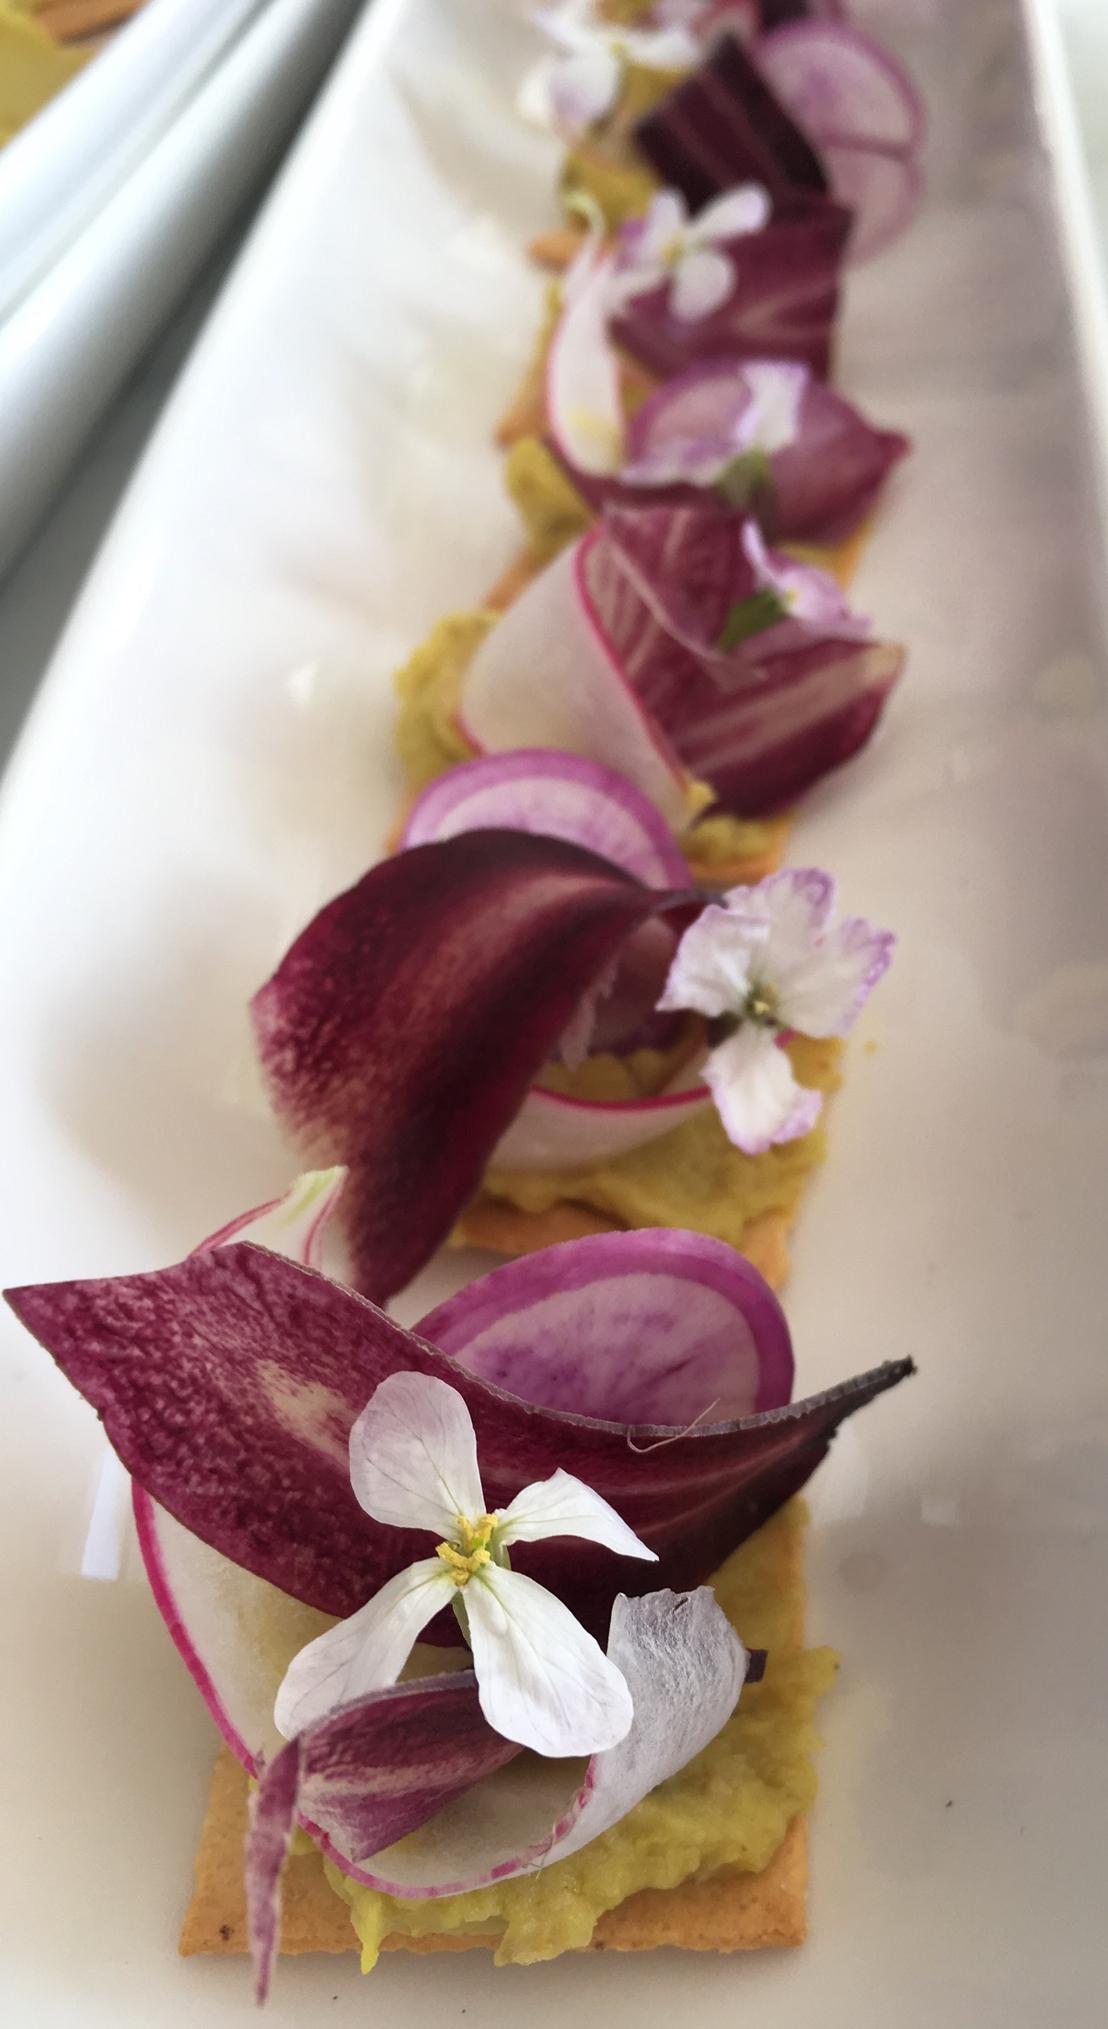 hummus, shaved purple vegatbles, wild radish bloom